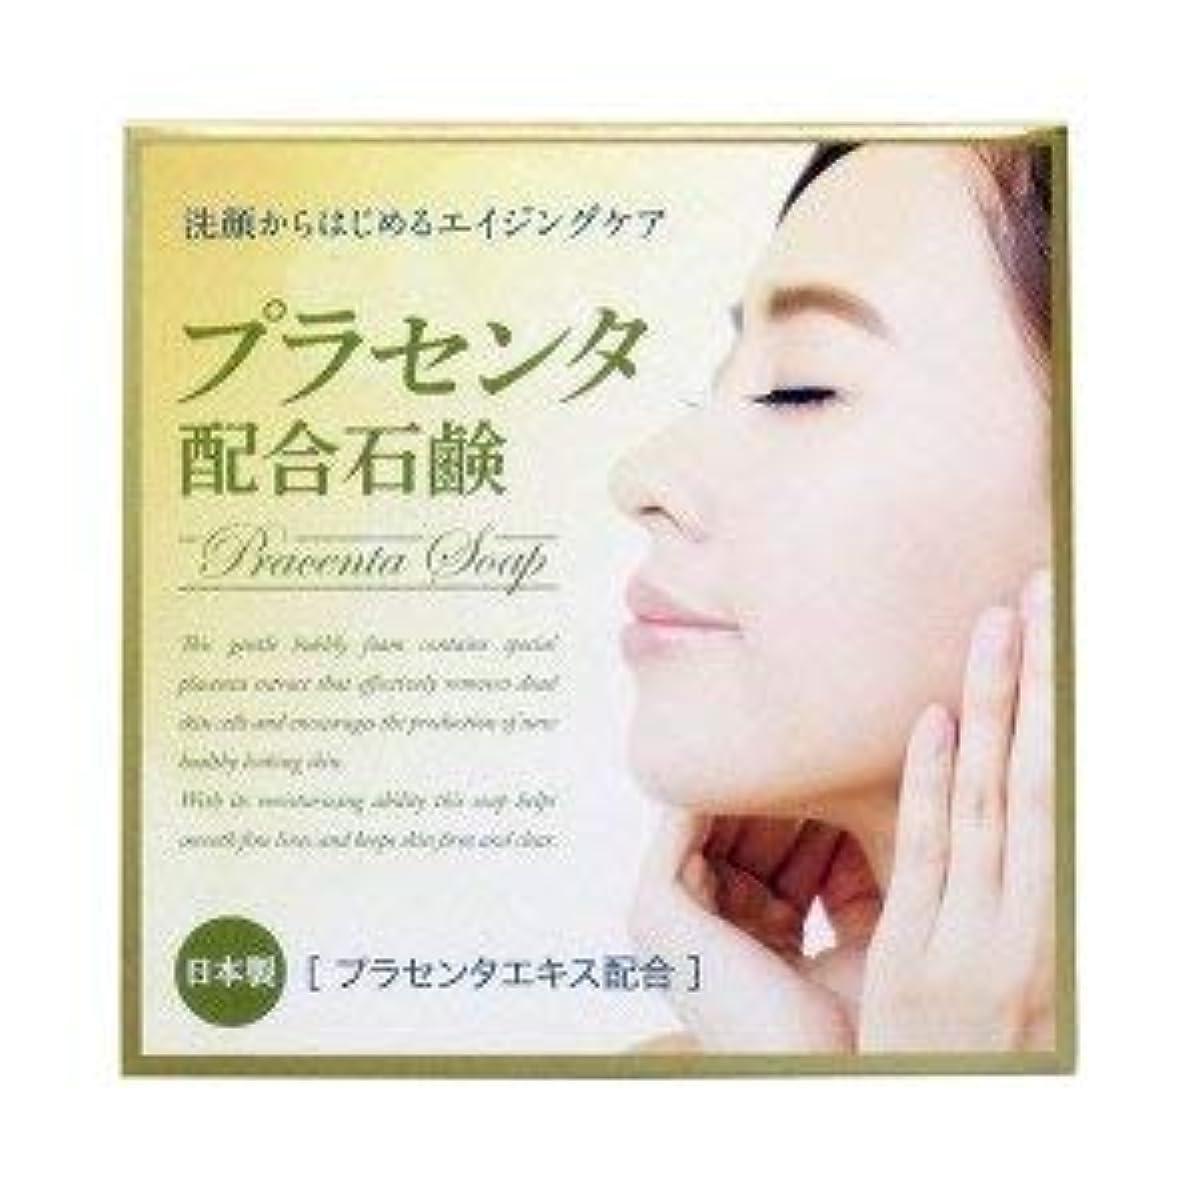 法廷ゴール姉妹プラセンタ配合石鹸 80g×2 2個1セット プラセンタエキス保湿成分配合 日本製